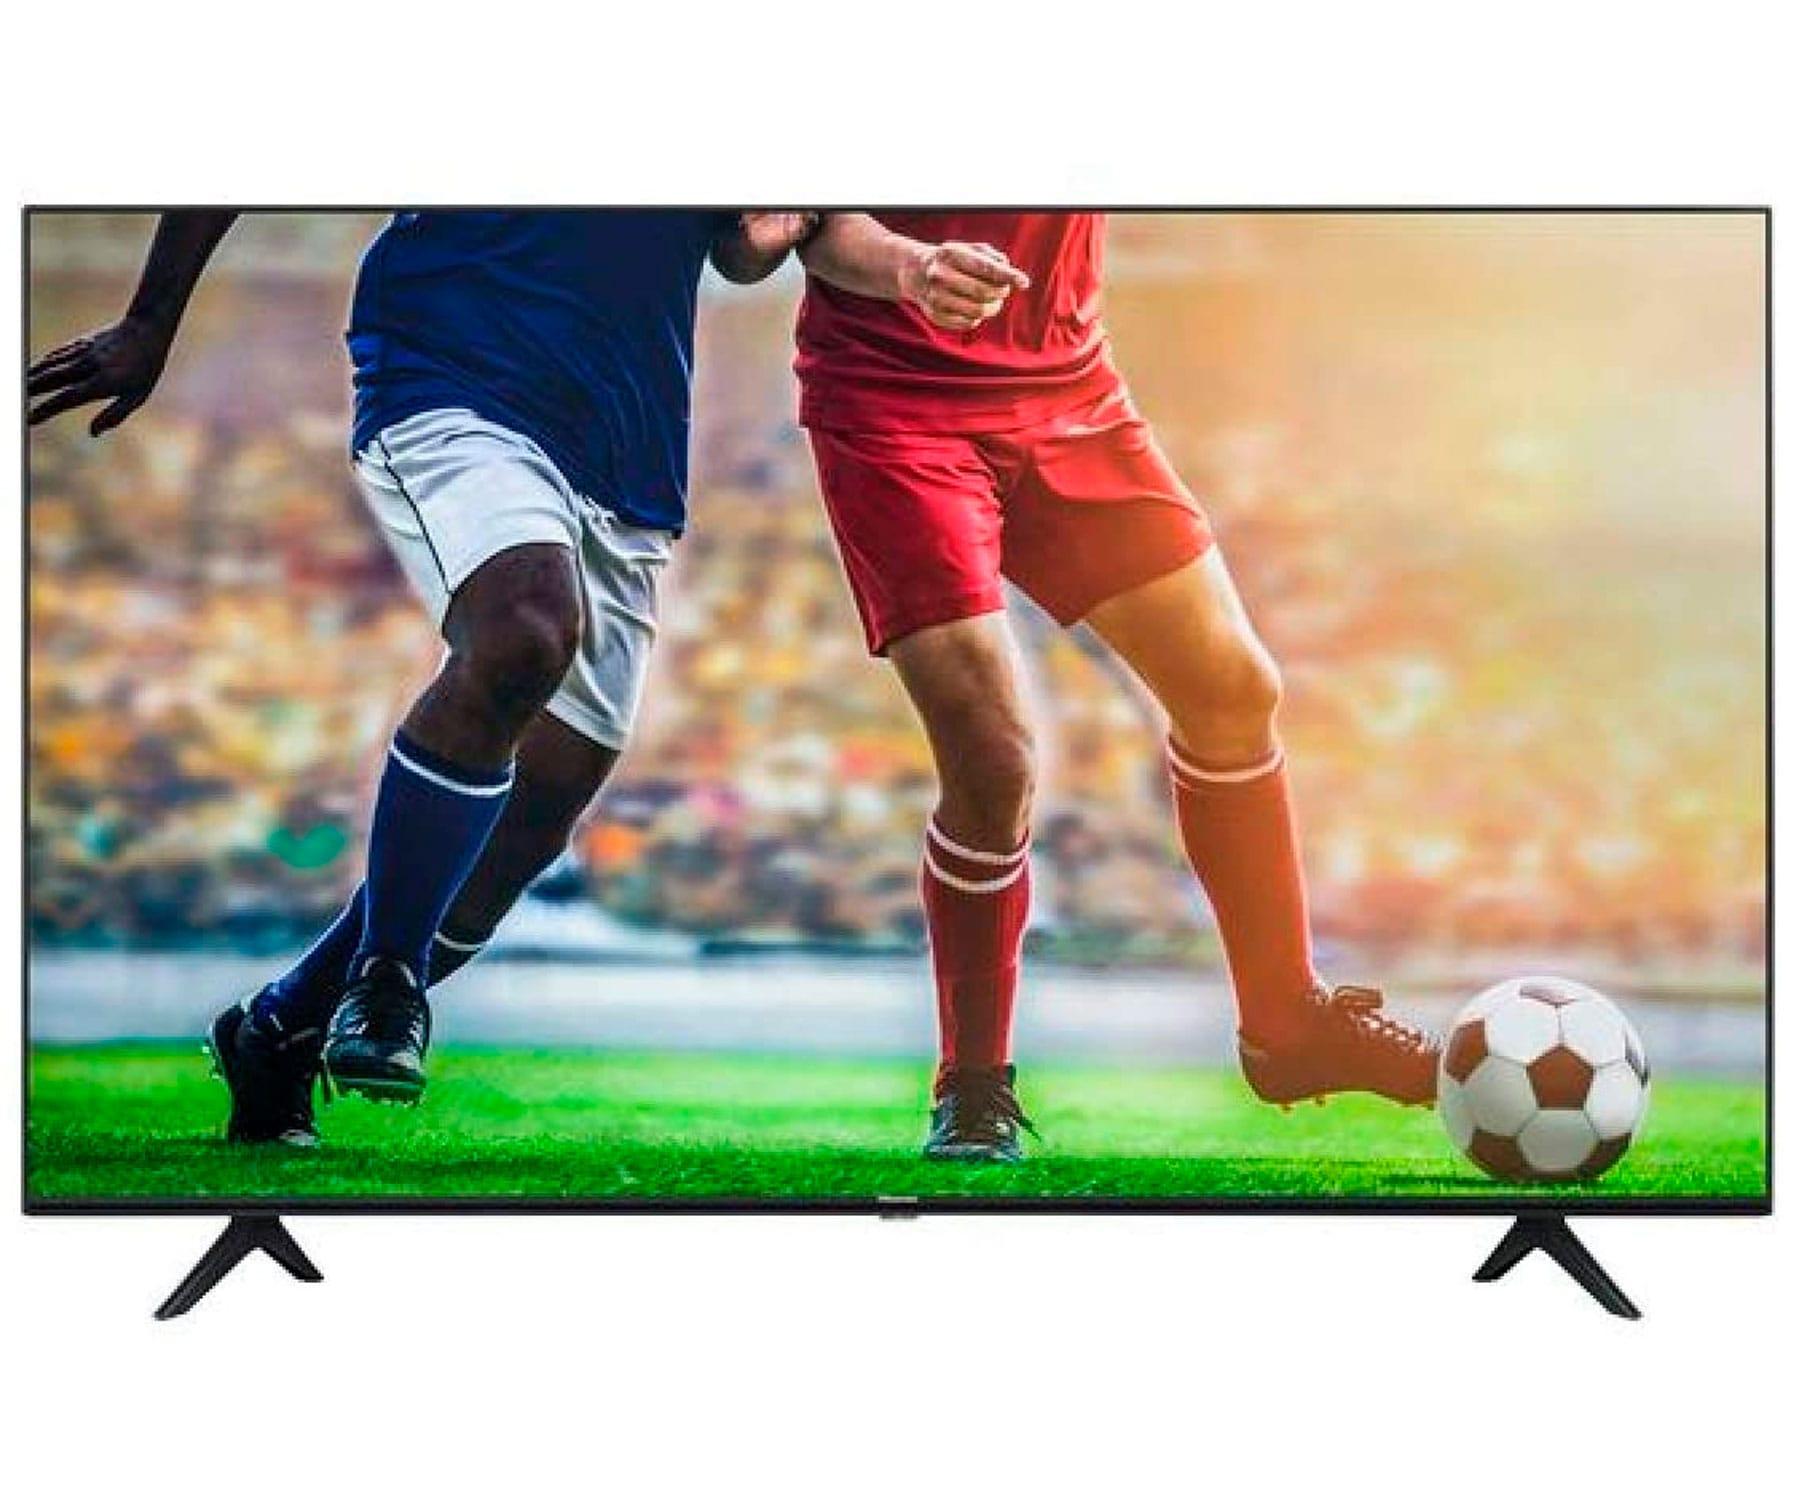 HISENSE H50A7100F TELEVISOR SMART TV 50'' UHD 4K HDR